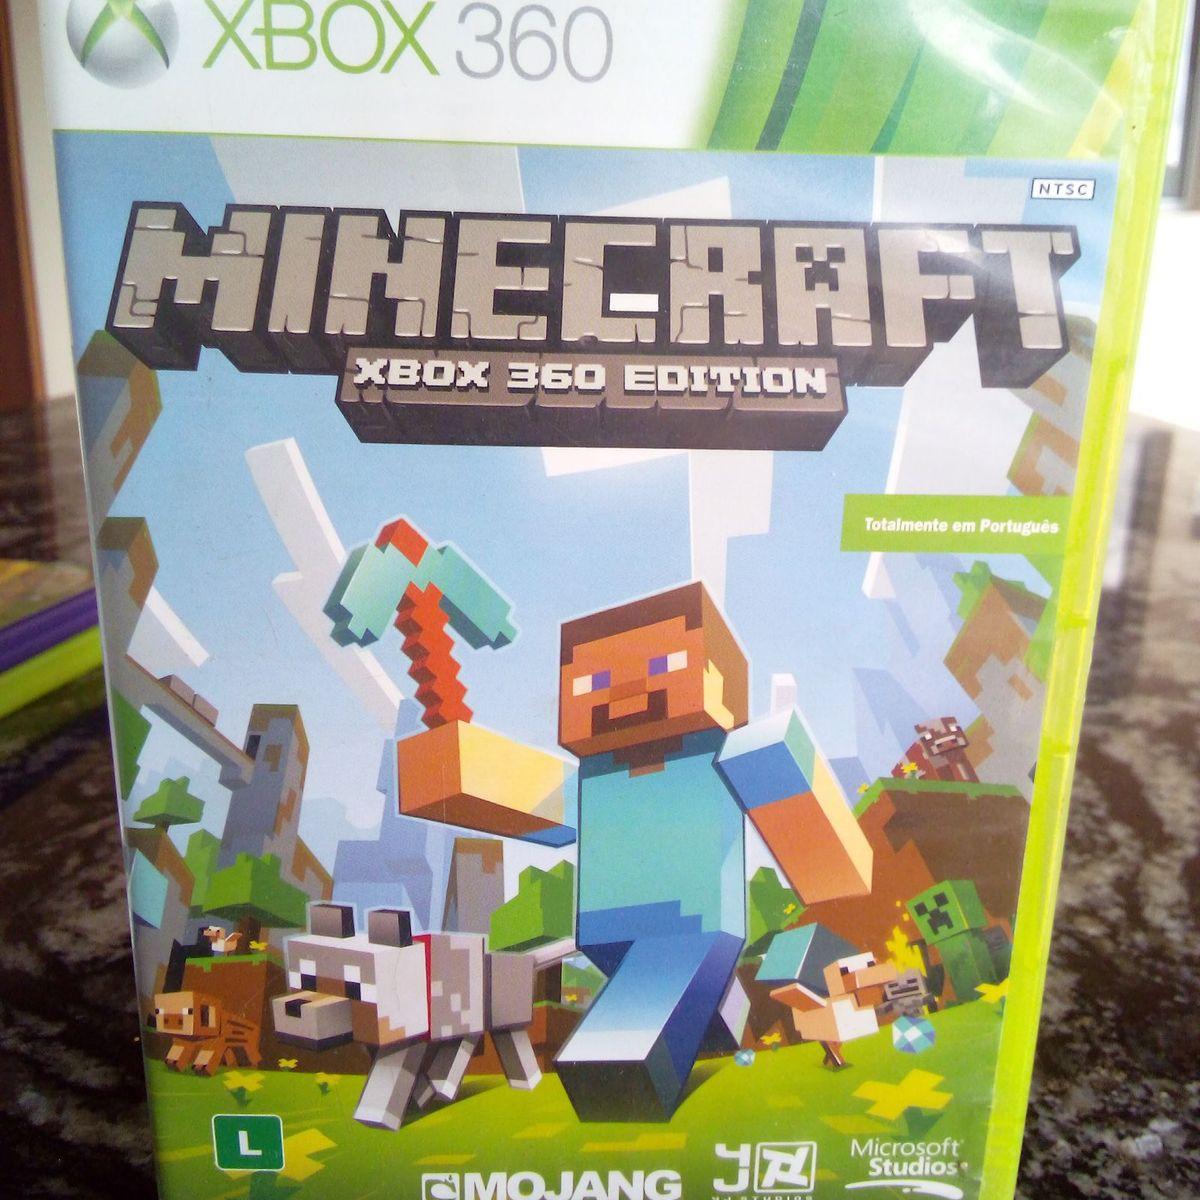 Jogo Minecraft Xbox 9 Edition - Original  Jogo de Computador Microsoft  Usado 9  enjoei